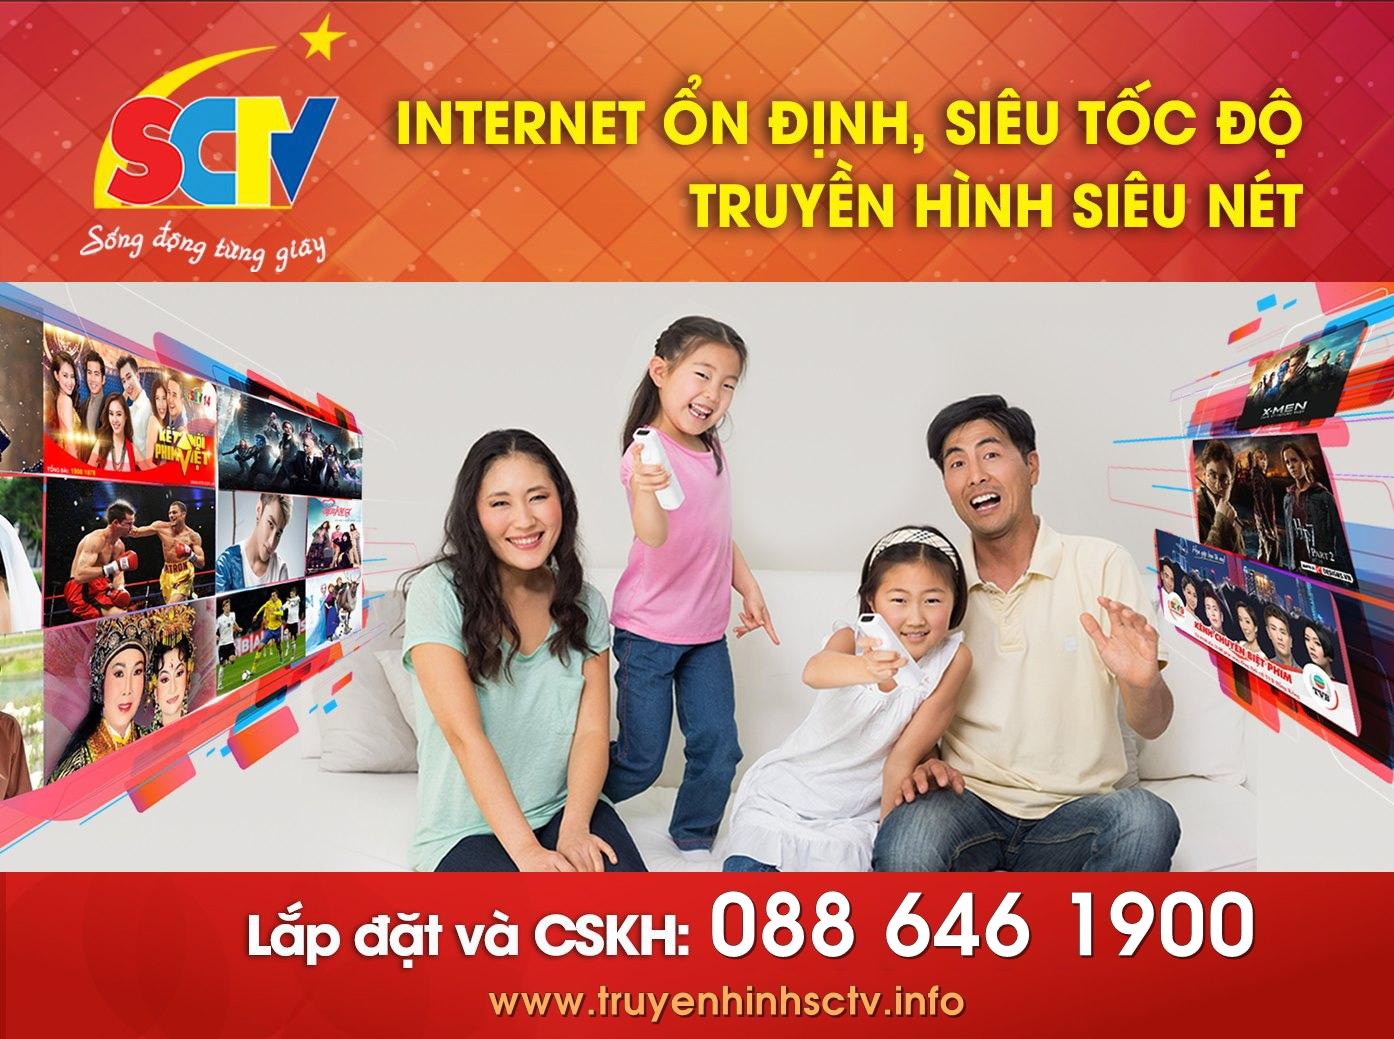 Giá cước Dịch vụ Internet SCTV + Truyền hình cáp